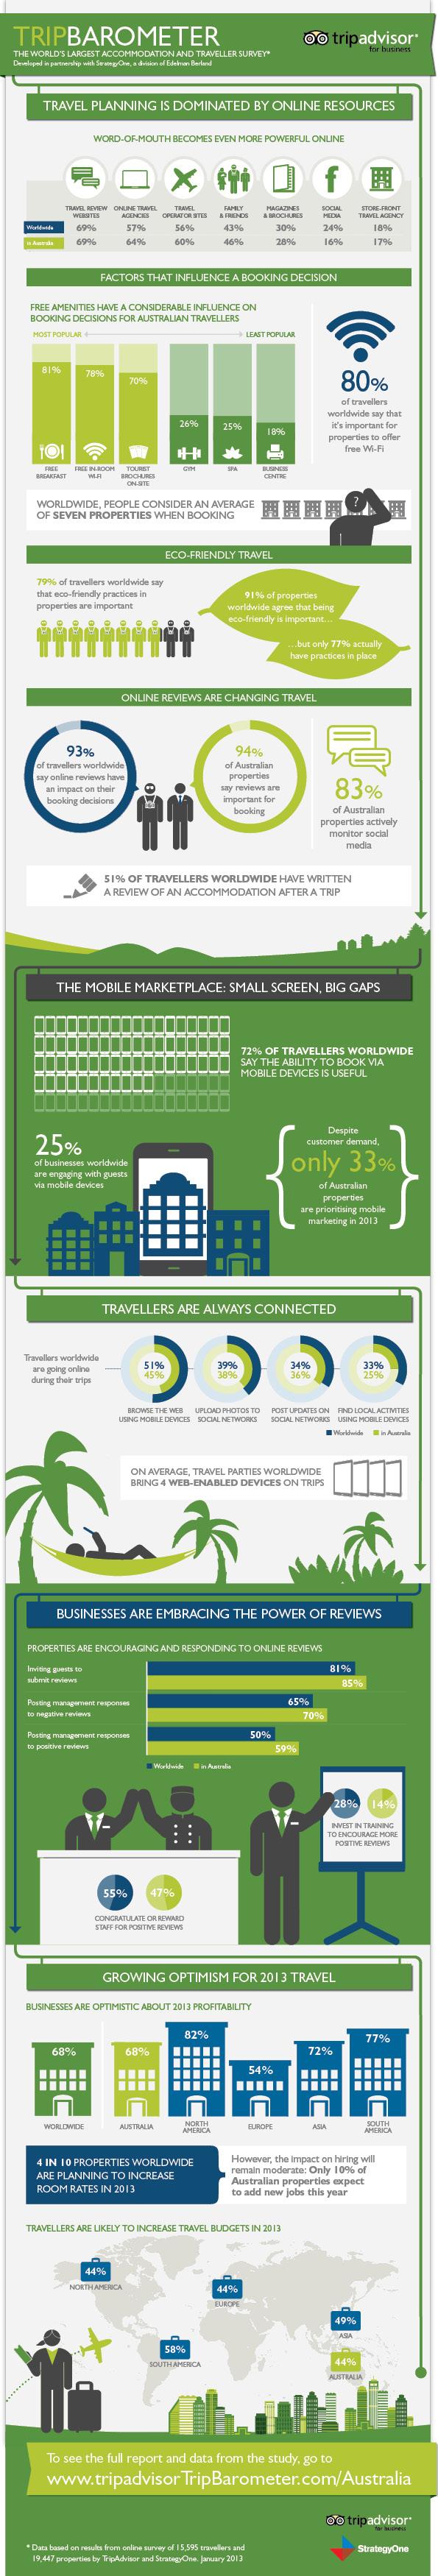 TripBarometer Infographic